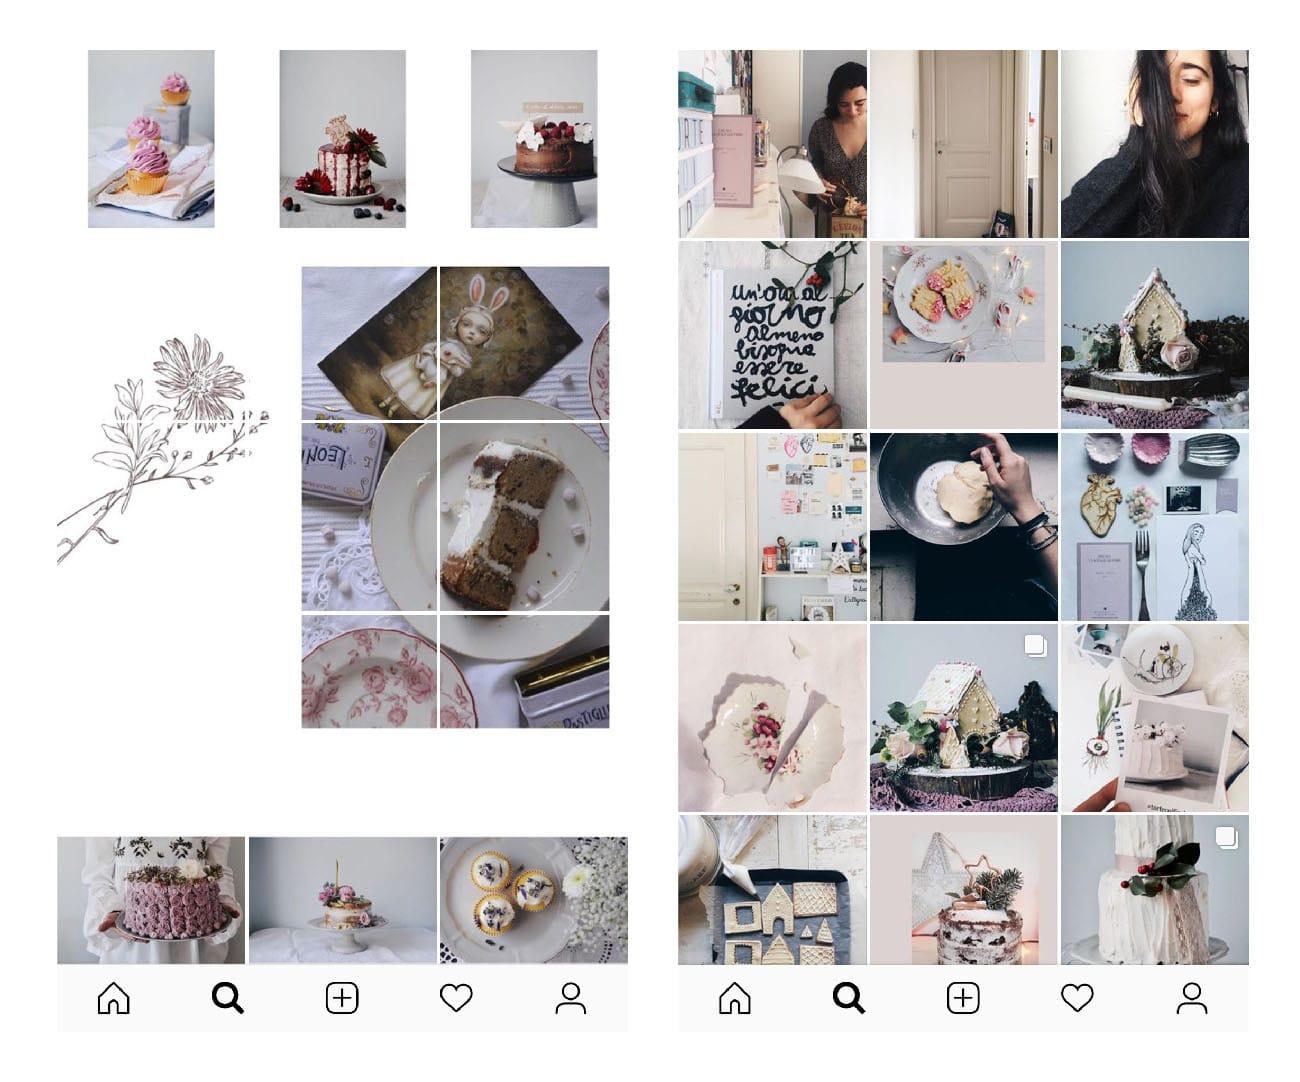 Come usare il mosaico nella gallery di Instagram. Profilo di Tortecoifiori e elenamariacito. Dal blog di Marianna Milione